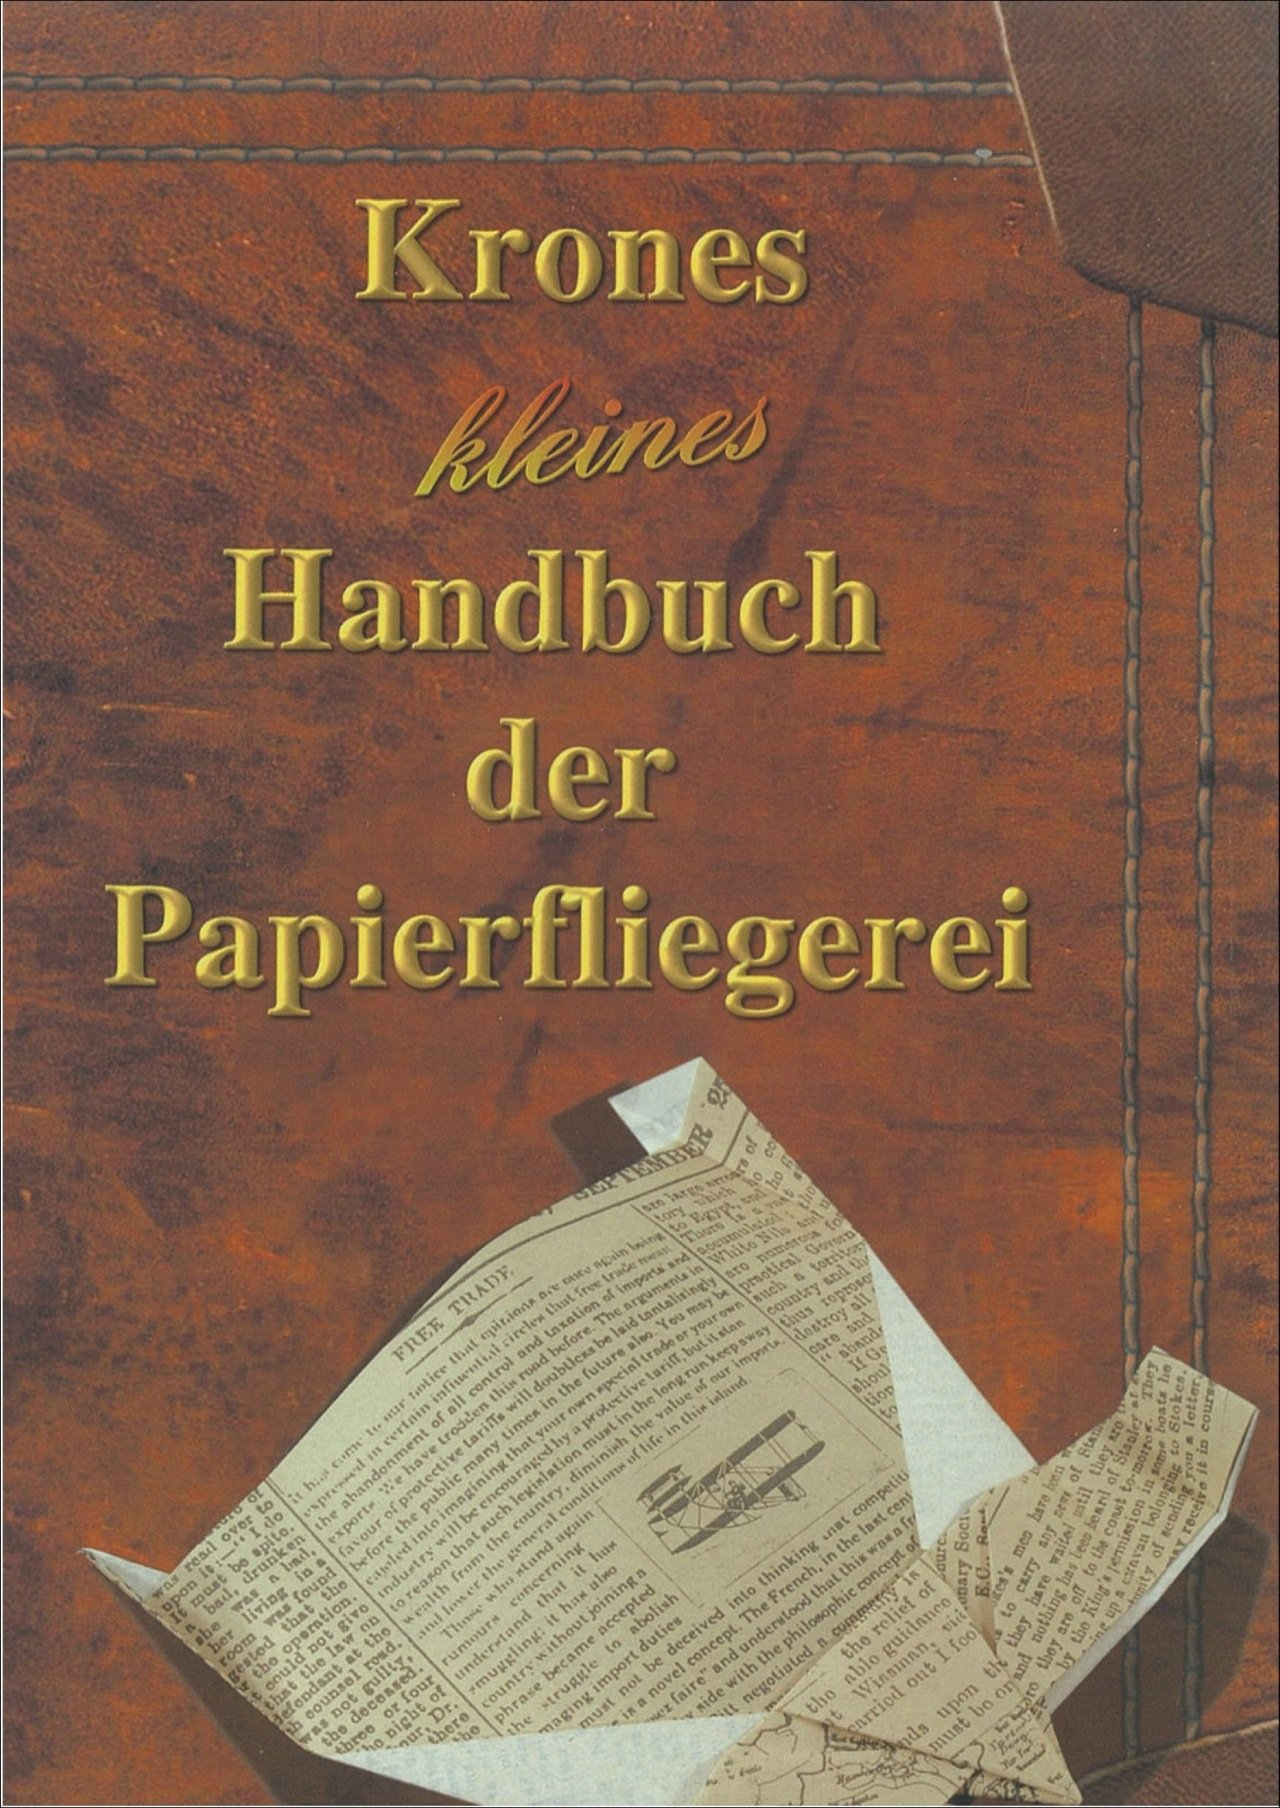 Krones kleines Handbuch der Papierfliegerei